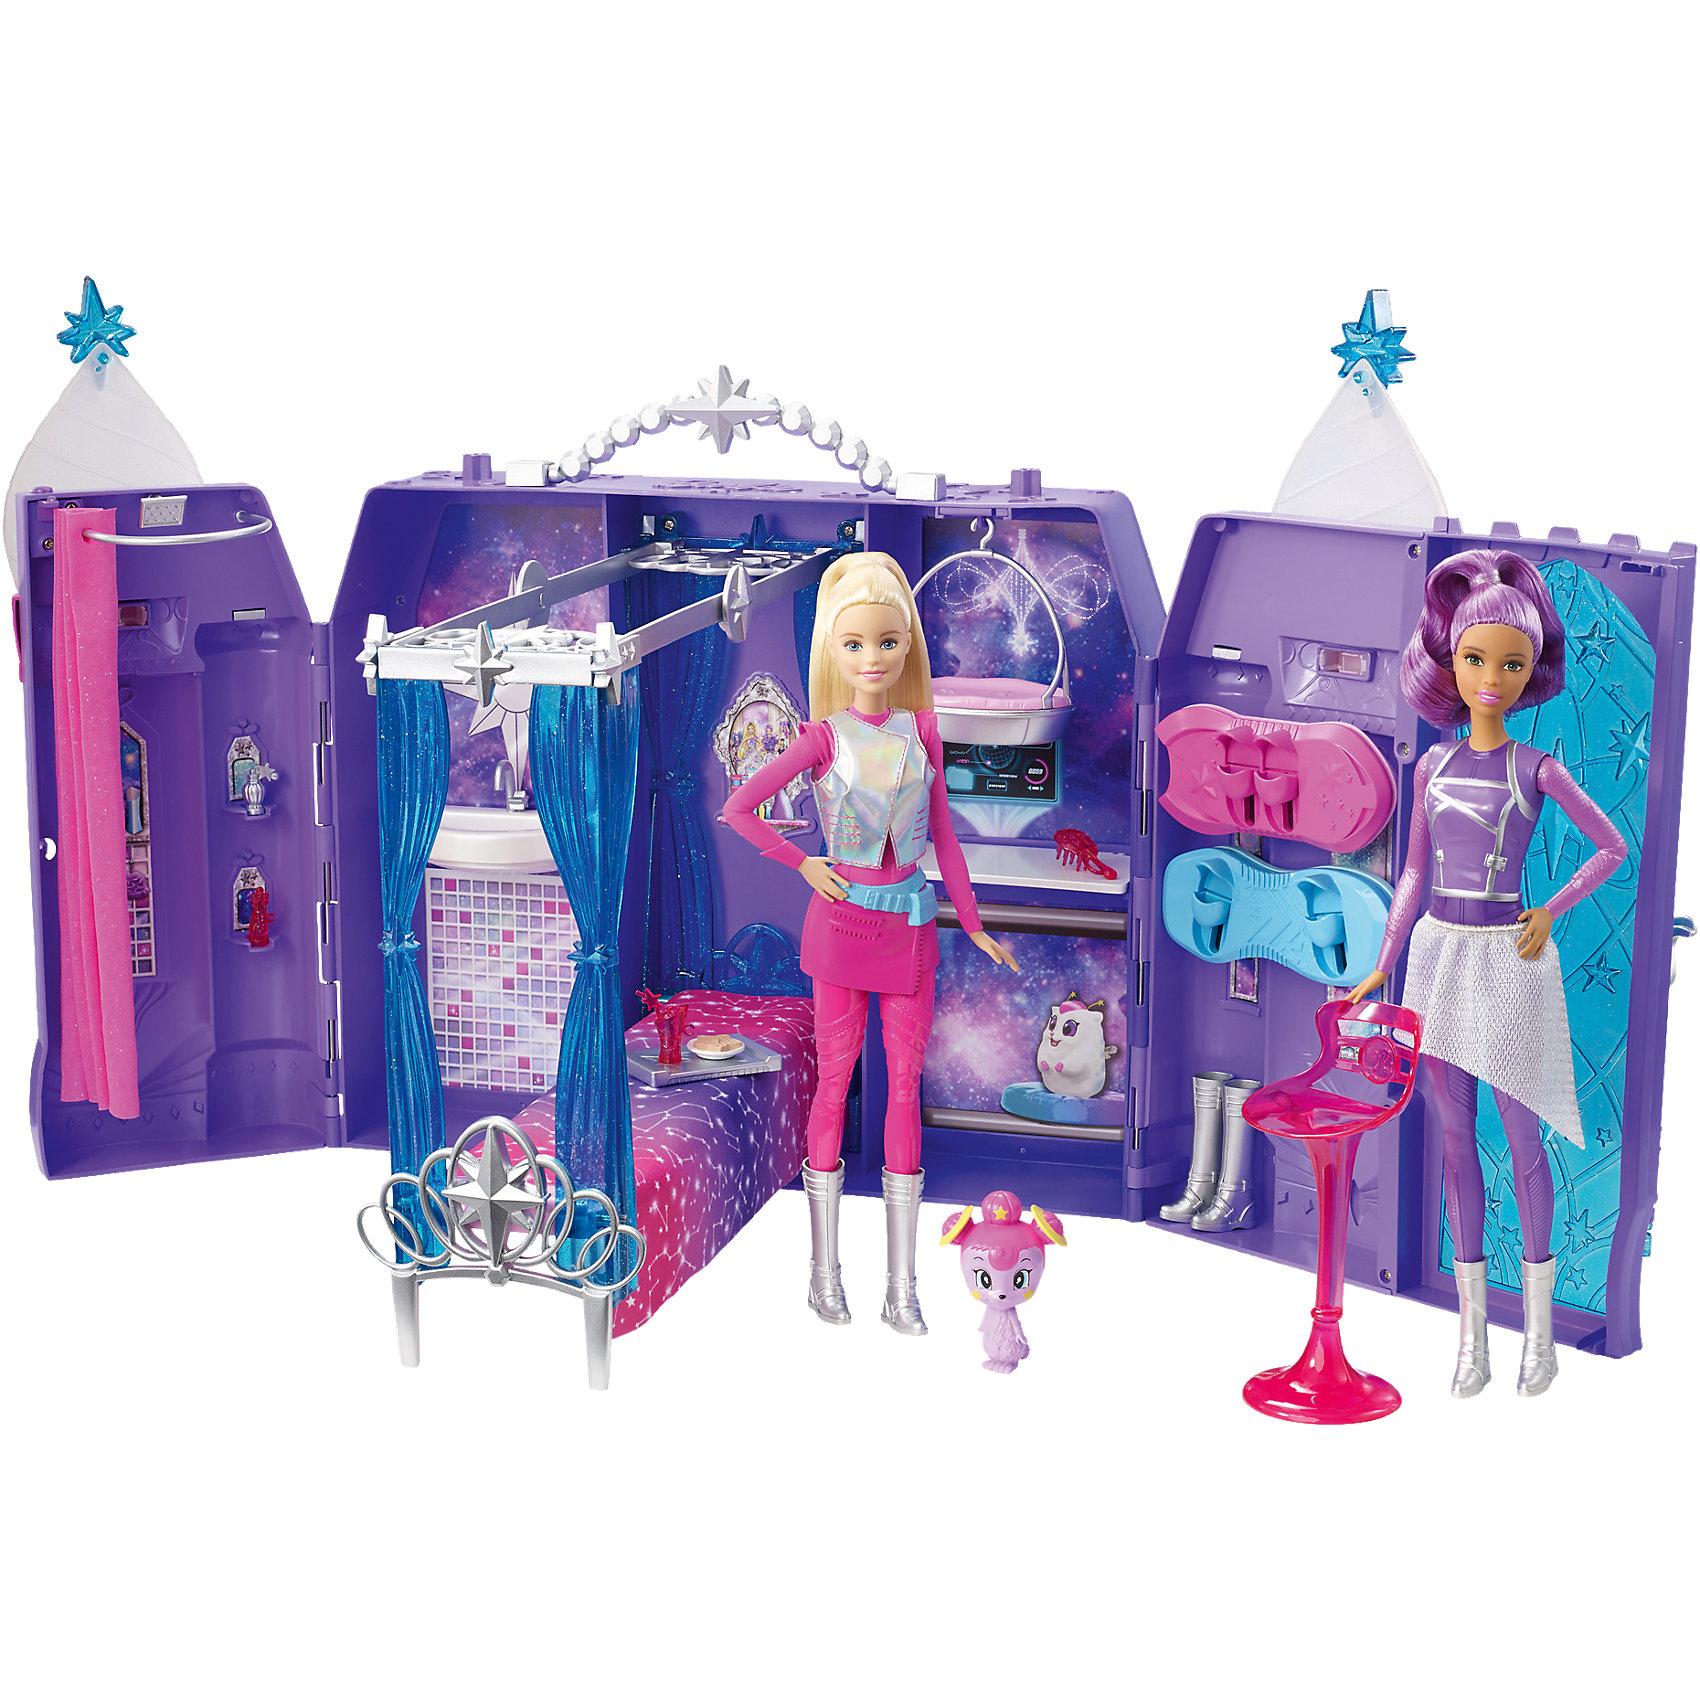 Игровой набор Космический замок, BarbieИгрушечные домики и замки<br>Игровой набор Космический замок, Barbie- потрясающая игрушка от компании Mattel, созданная по мотивам мультфильма Барби и космическое приключение В наборе 4 игровых пространства (комнаты): ванная с душем и раковиной, спальня с кроватью, гостиная и комната для тренировок на ховерборде, в ней же расположена открывающаяся дверь. В комплект также входят 2 ховерборда, стул, фигурка питомца и различные аксессуары. Домик складывается в удобный чемоданчик с ручкой, который удобно переносить. . С таким набором девочка сможет придумать множество сюжетно- ролевых игр:  прокатить кукол на космическом транспорте, поместив их ноги в специальную подставку, поиграть с необычным щенком, поесть особых блюд и многое другое. Игра с набором Barbie надолго увлечет малышку и даст бесконечный простор для воображения!<br><br>Внимание!! Куклы в комплект не входят и приобретаются отдельно.<br><br> В набор входит:<br>• питомец;<br>• замок-чемоданчик;<br>• игрушечные продукты питания;<br>• обувь;<br>• аксессуары.<br><br>Дополнительнаяинформация:<br><br>• Материал: текстиль, пластик.<br>• Размер упаковки: 40x32,5x13,5 см.<br>• Вес: 1,5 кг.<br><br>Игровой набор Космический замок, Barbie можно купить в нашем интернет-магазине.<br><br>Ширина мм: 407<br>Глубина мм: 330<br>Высота мм: 144<br>Вес г: 1831<br>Возраст от месяцев: 36<br>Возраст до месяцев: 84<br>Пол: Женский<br>Возраст: Детский<br>SKU: 4765342